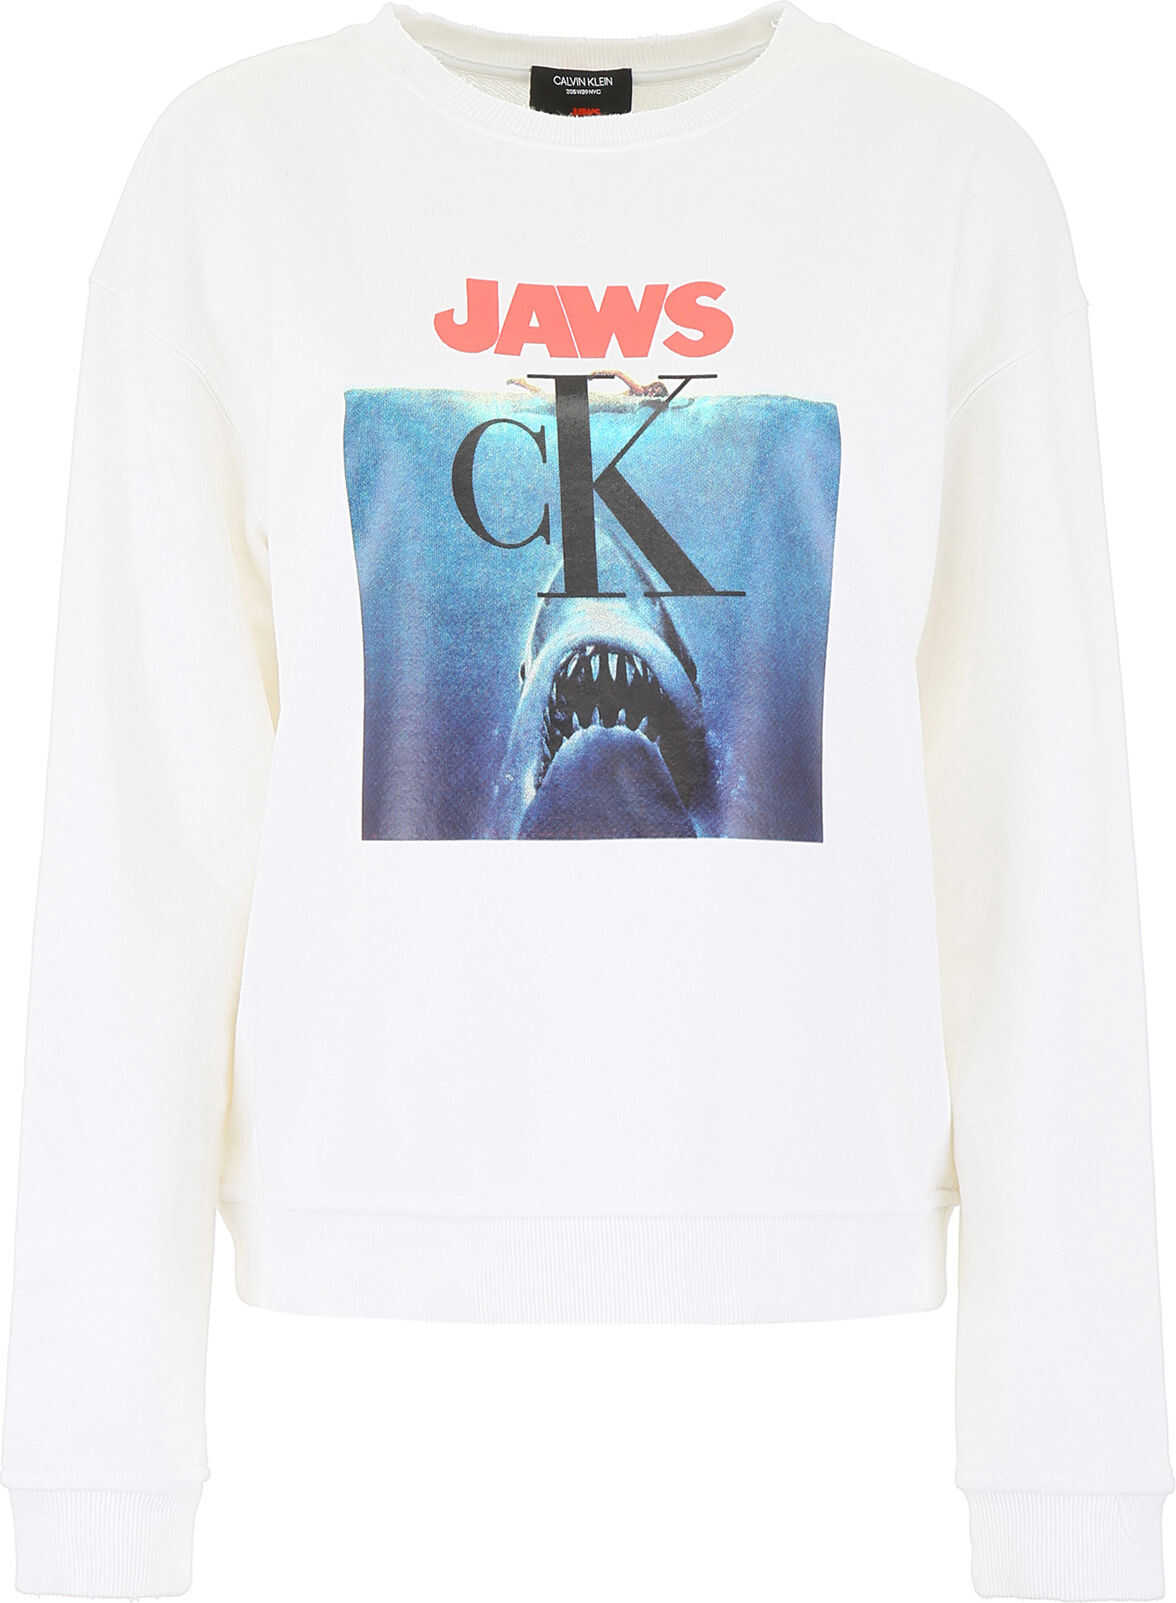 Calvin Klein 205W39NYC Jaws Sweatshirt WHITE